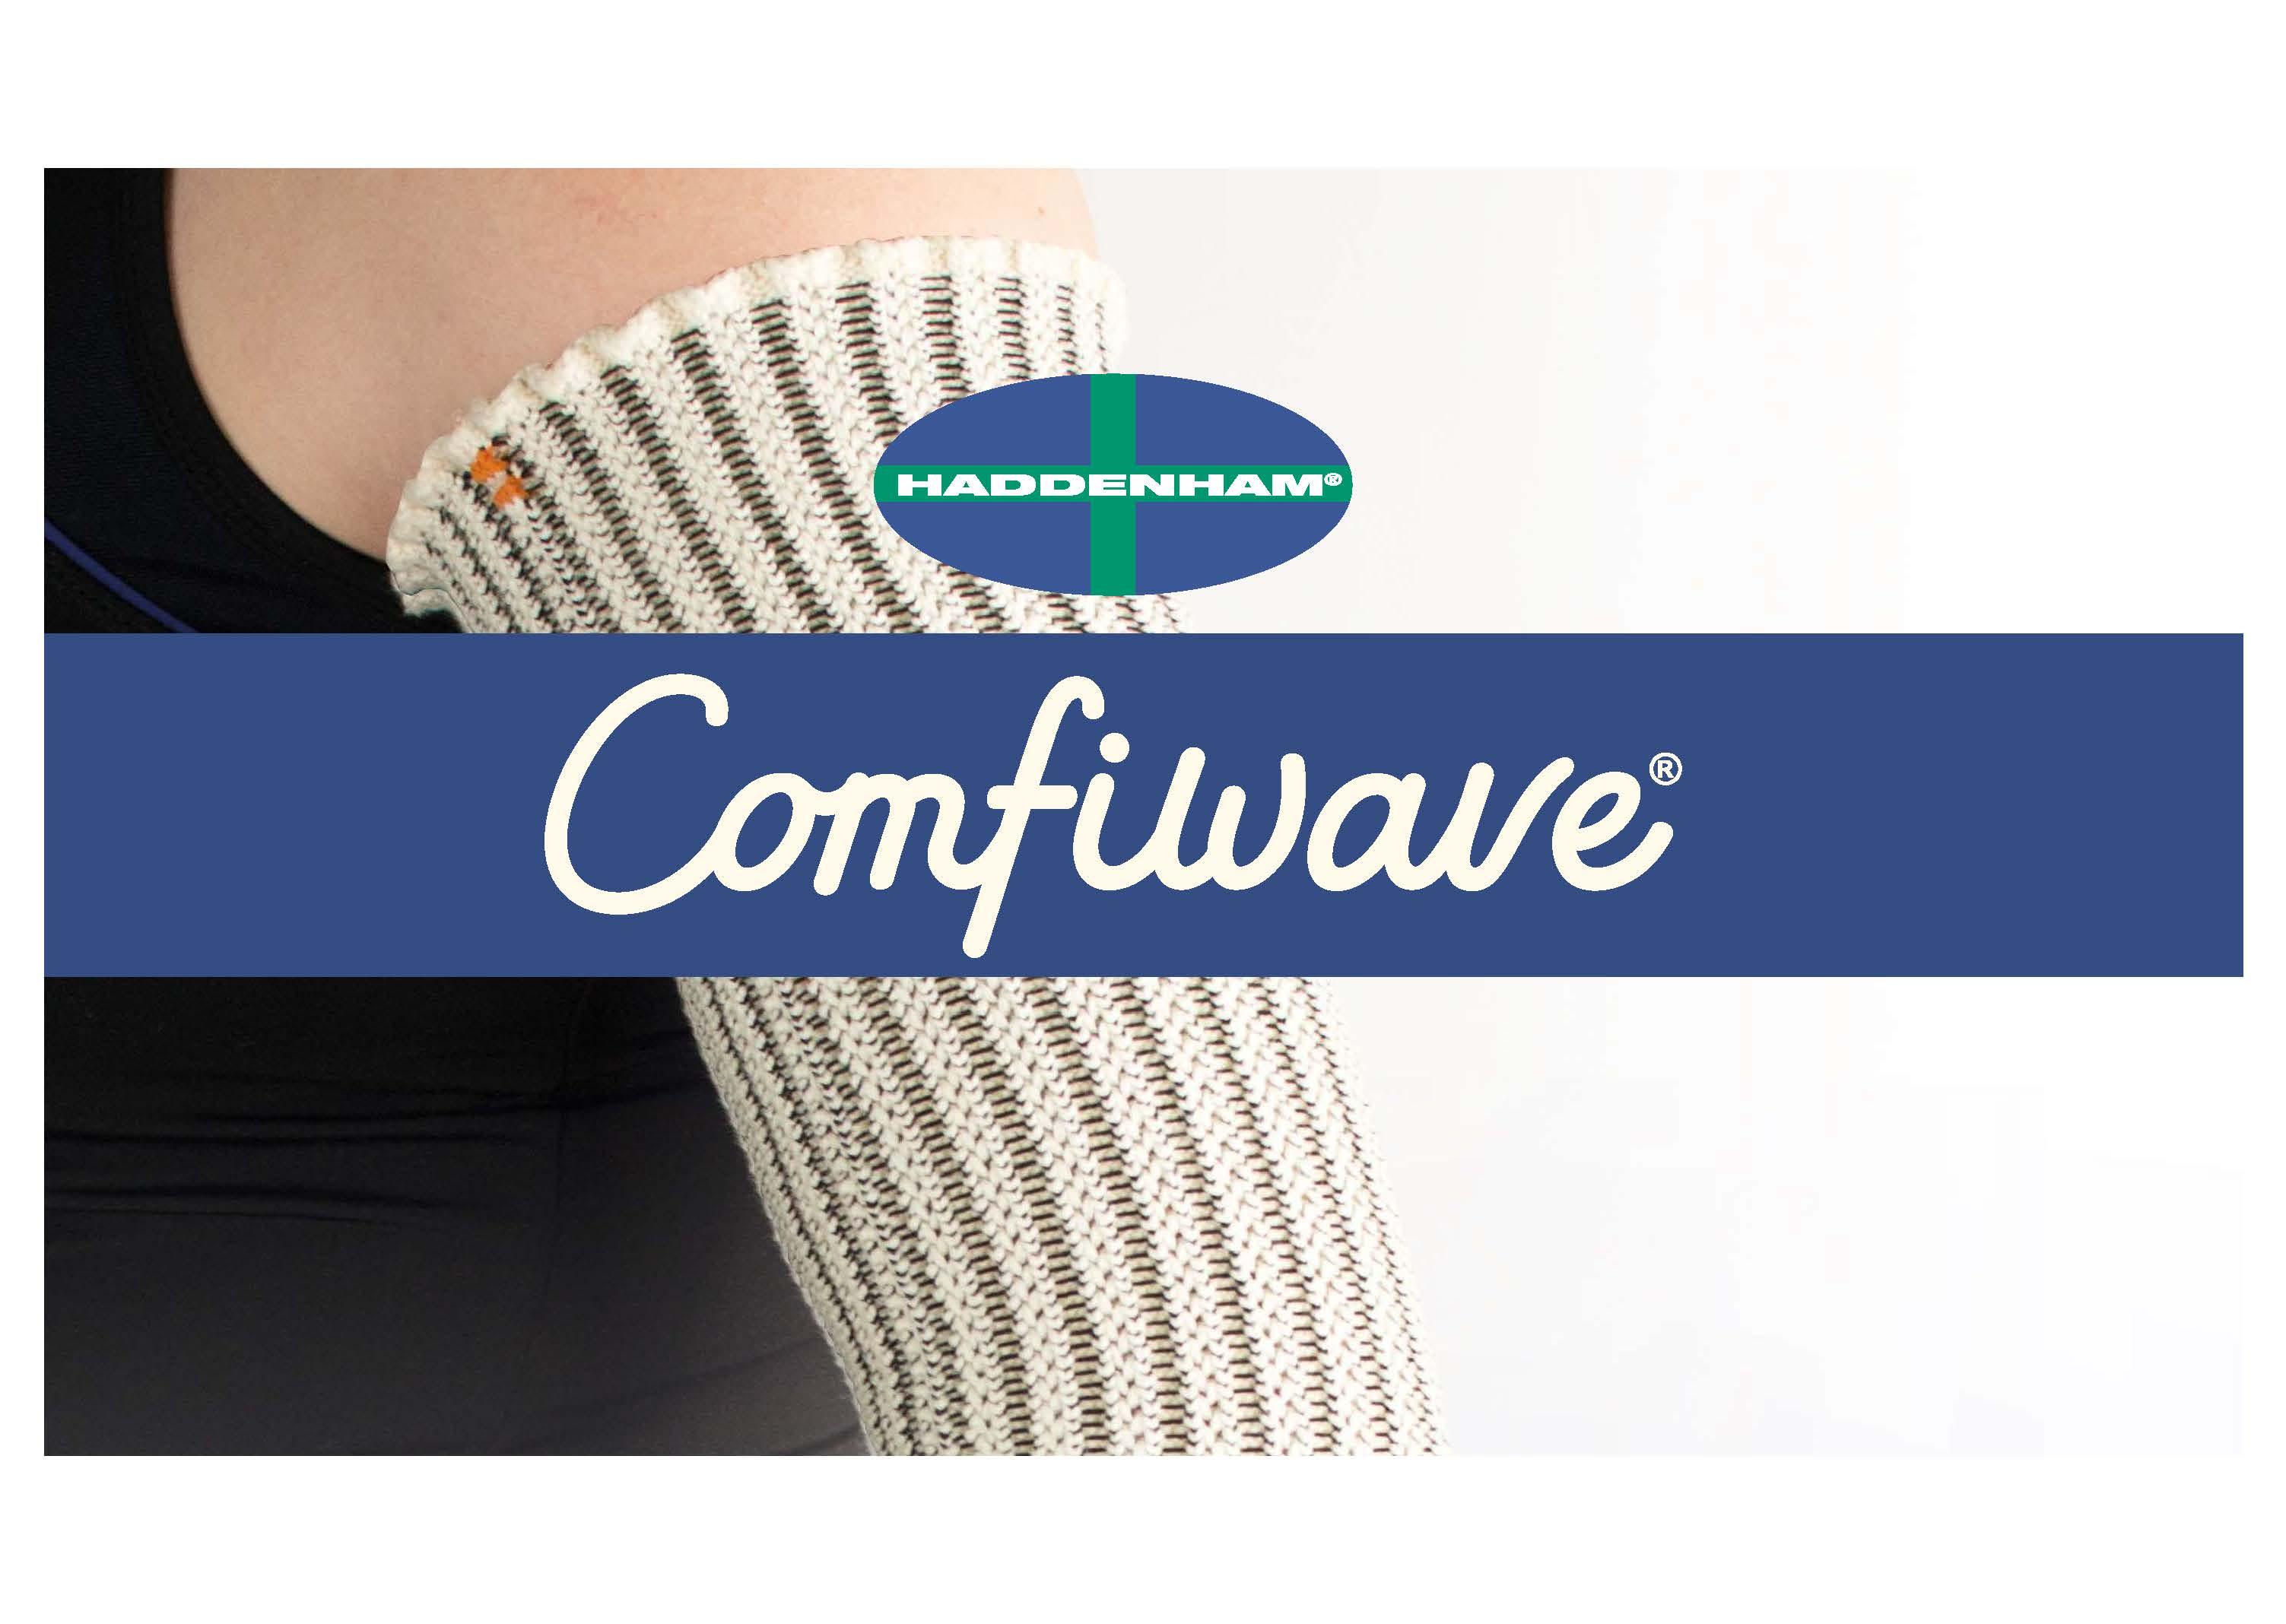 Comfiwave